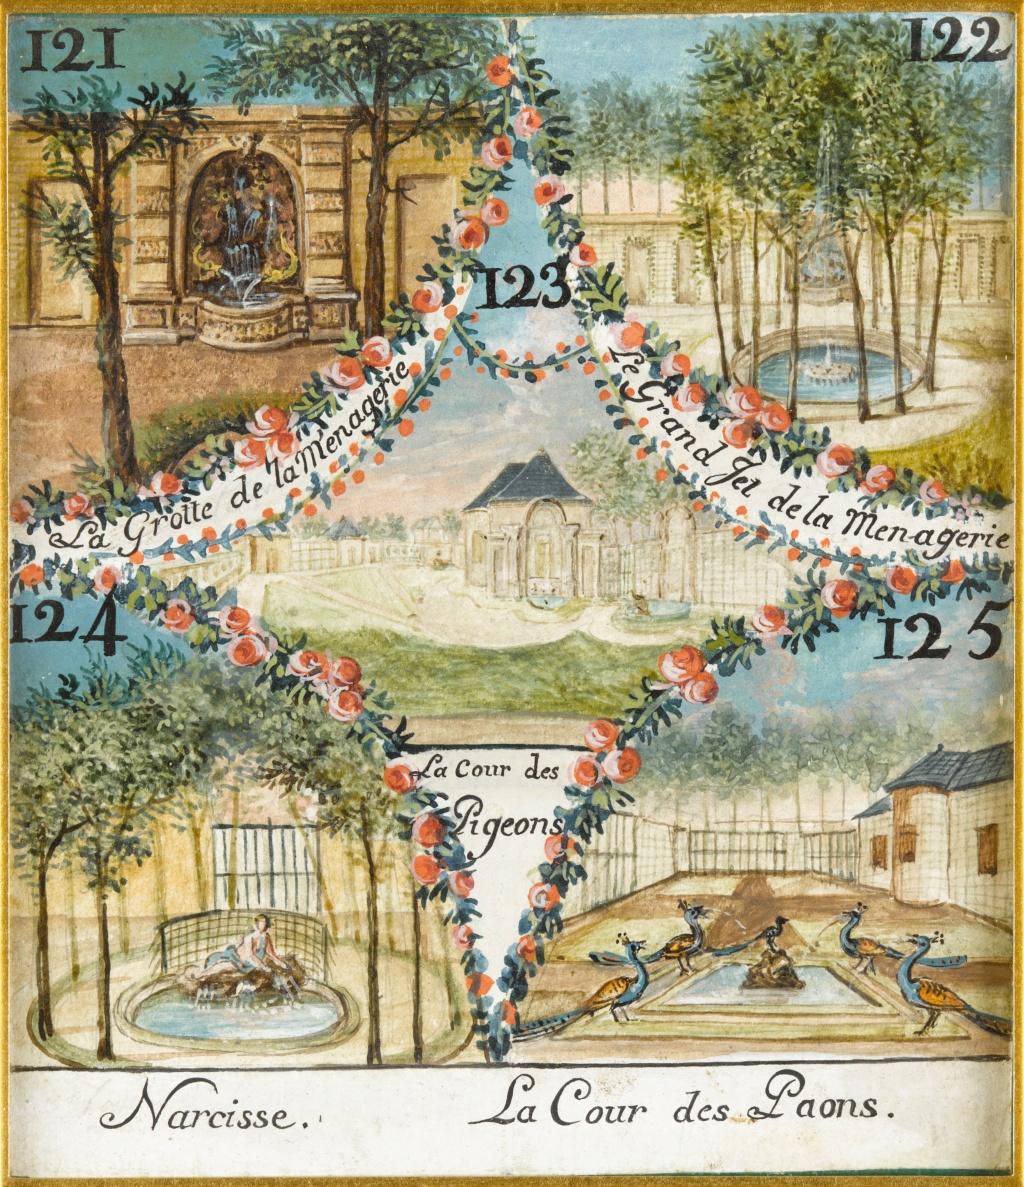 Chantilly, La ménagerie princière de Chantilly  E-6i9d10